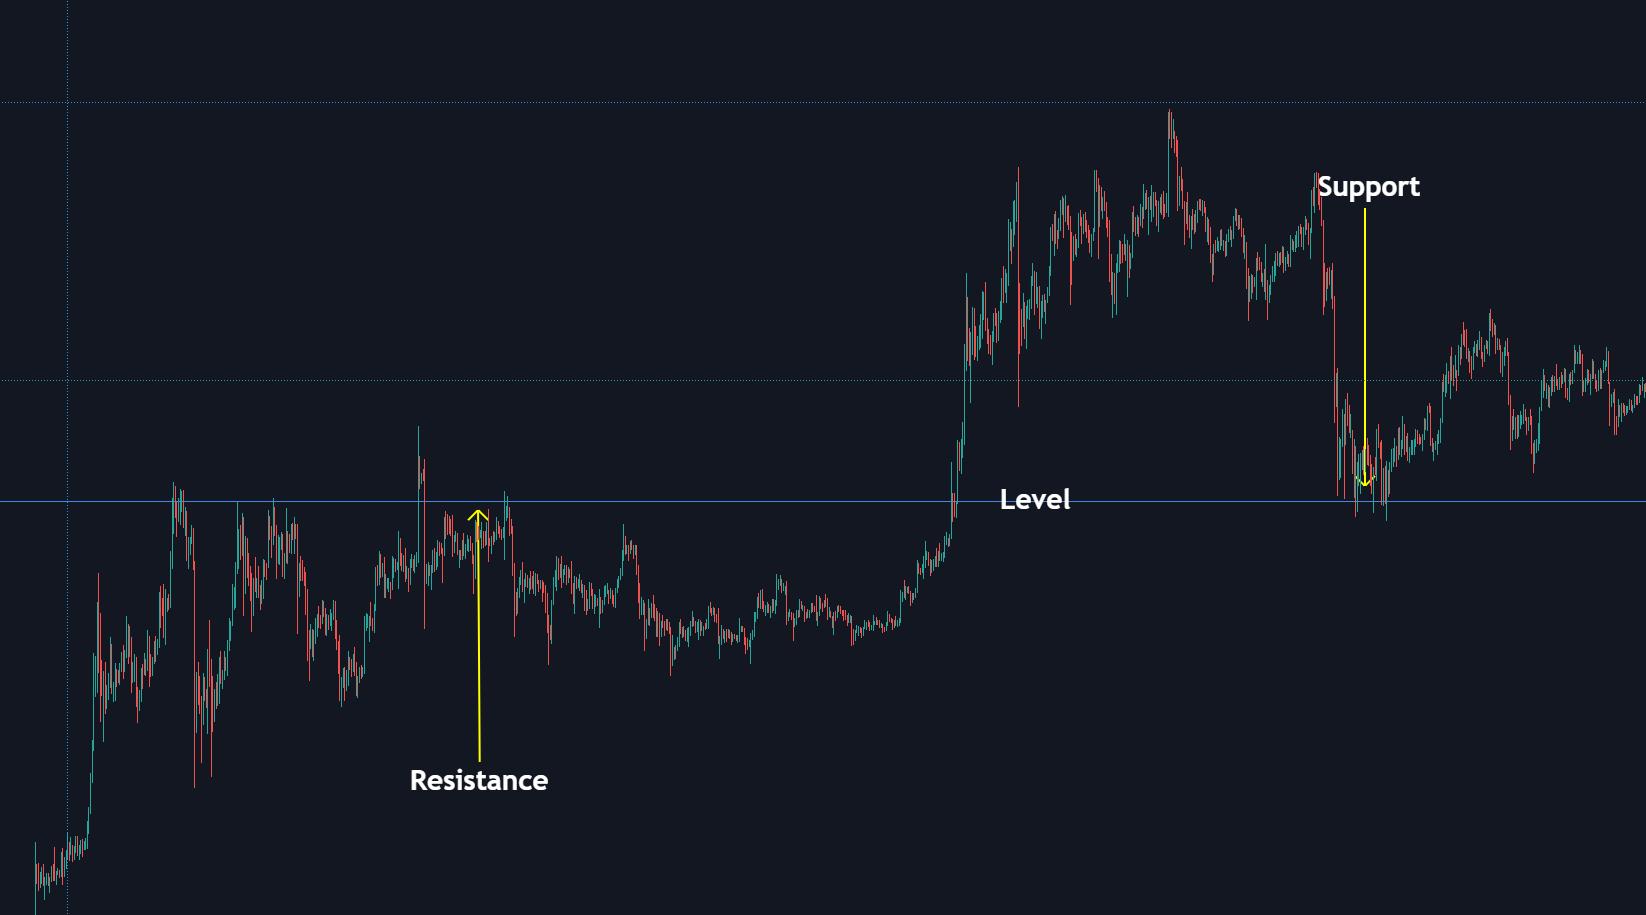 Een level is in de basis een support en resistance niveau of een interessant prijsgebied.